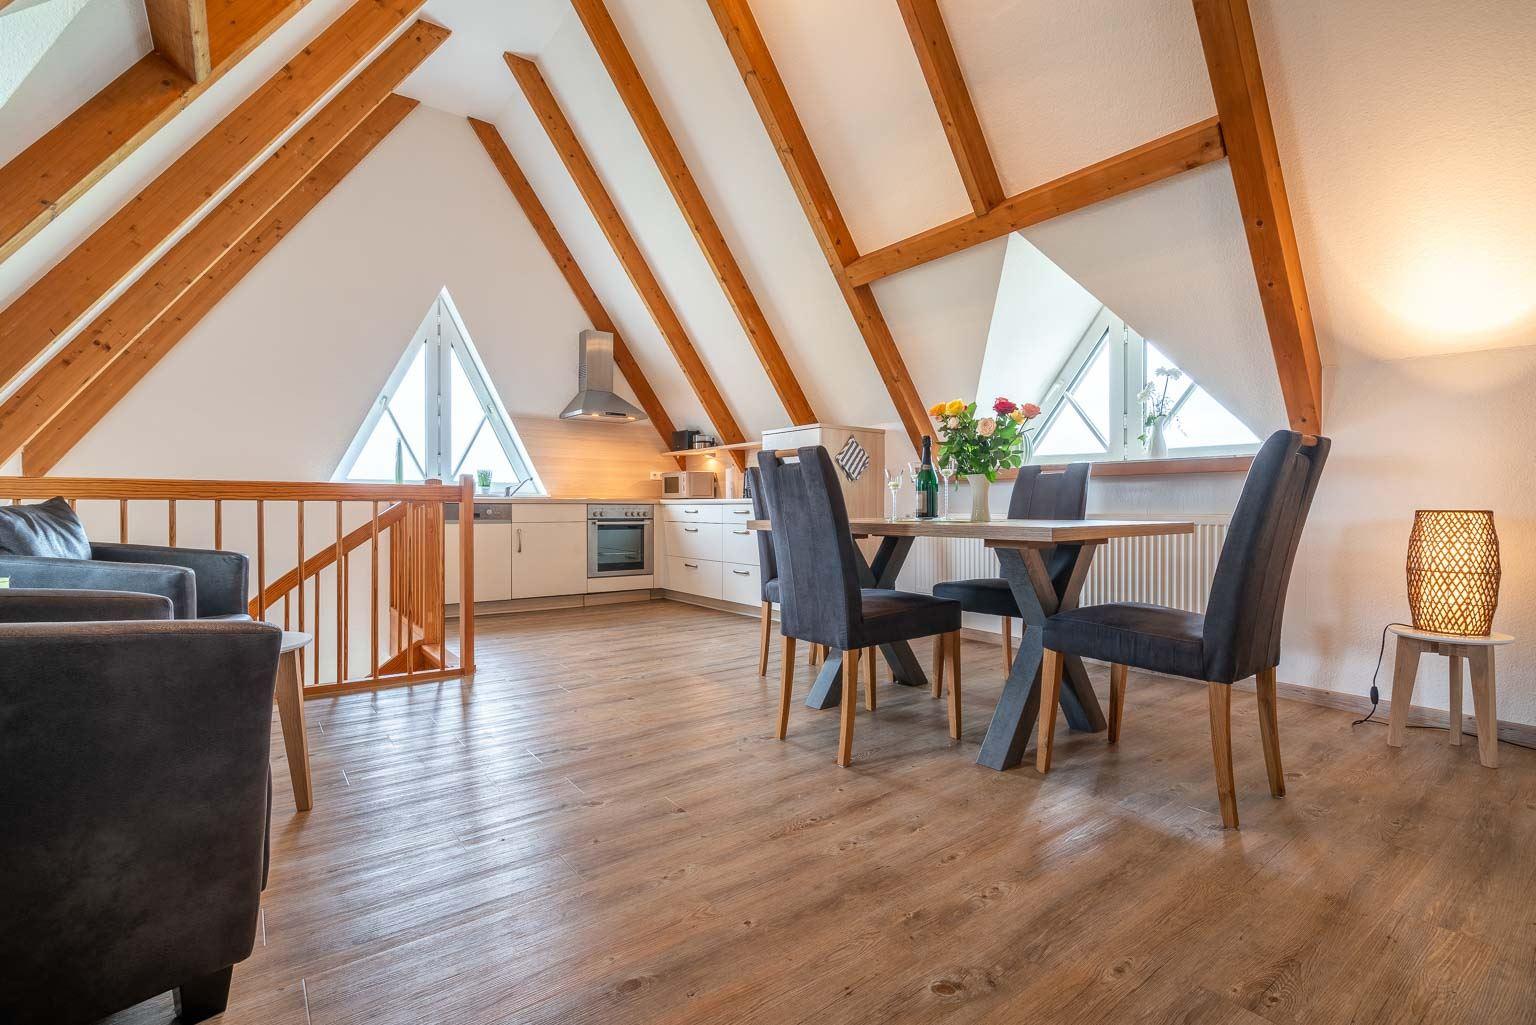 Ferienwohnung Haus Margarete Wohnung OG, St. Peter-Dorf, Region St. Peter-Ording - für bis zu 2 Personen.